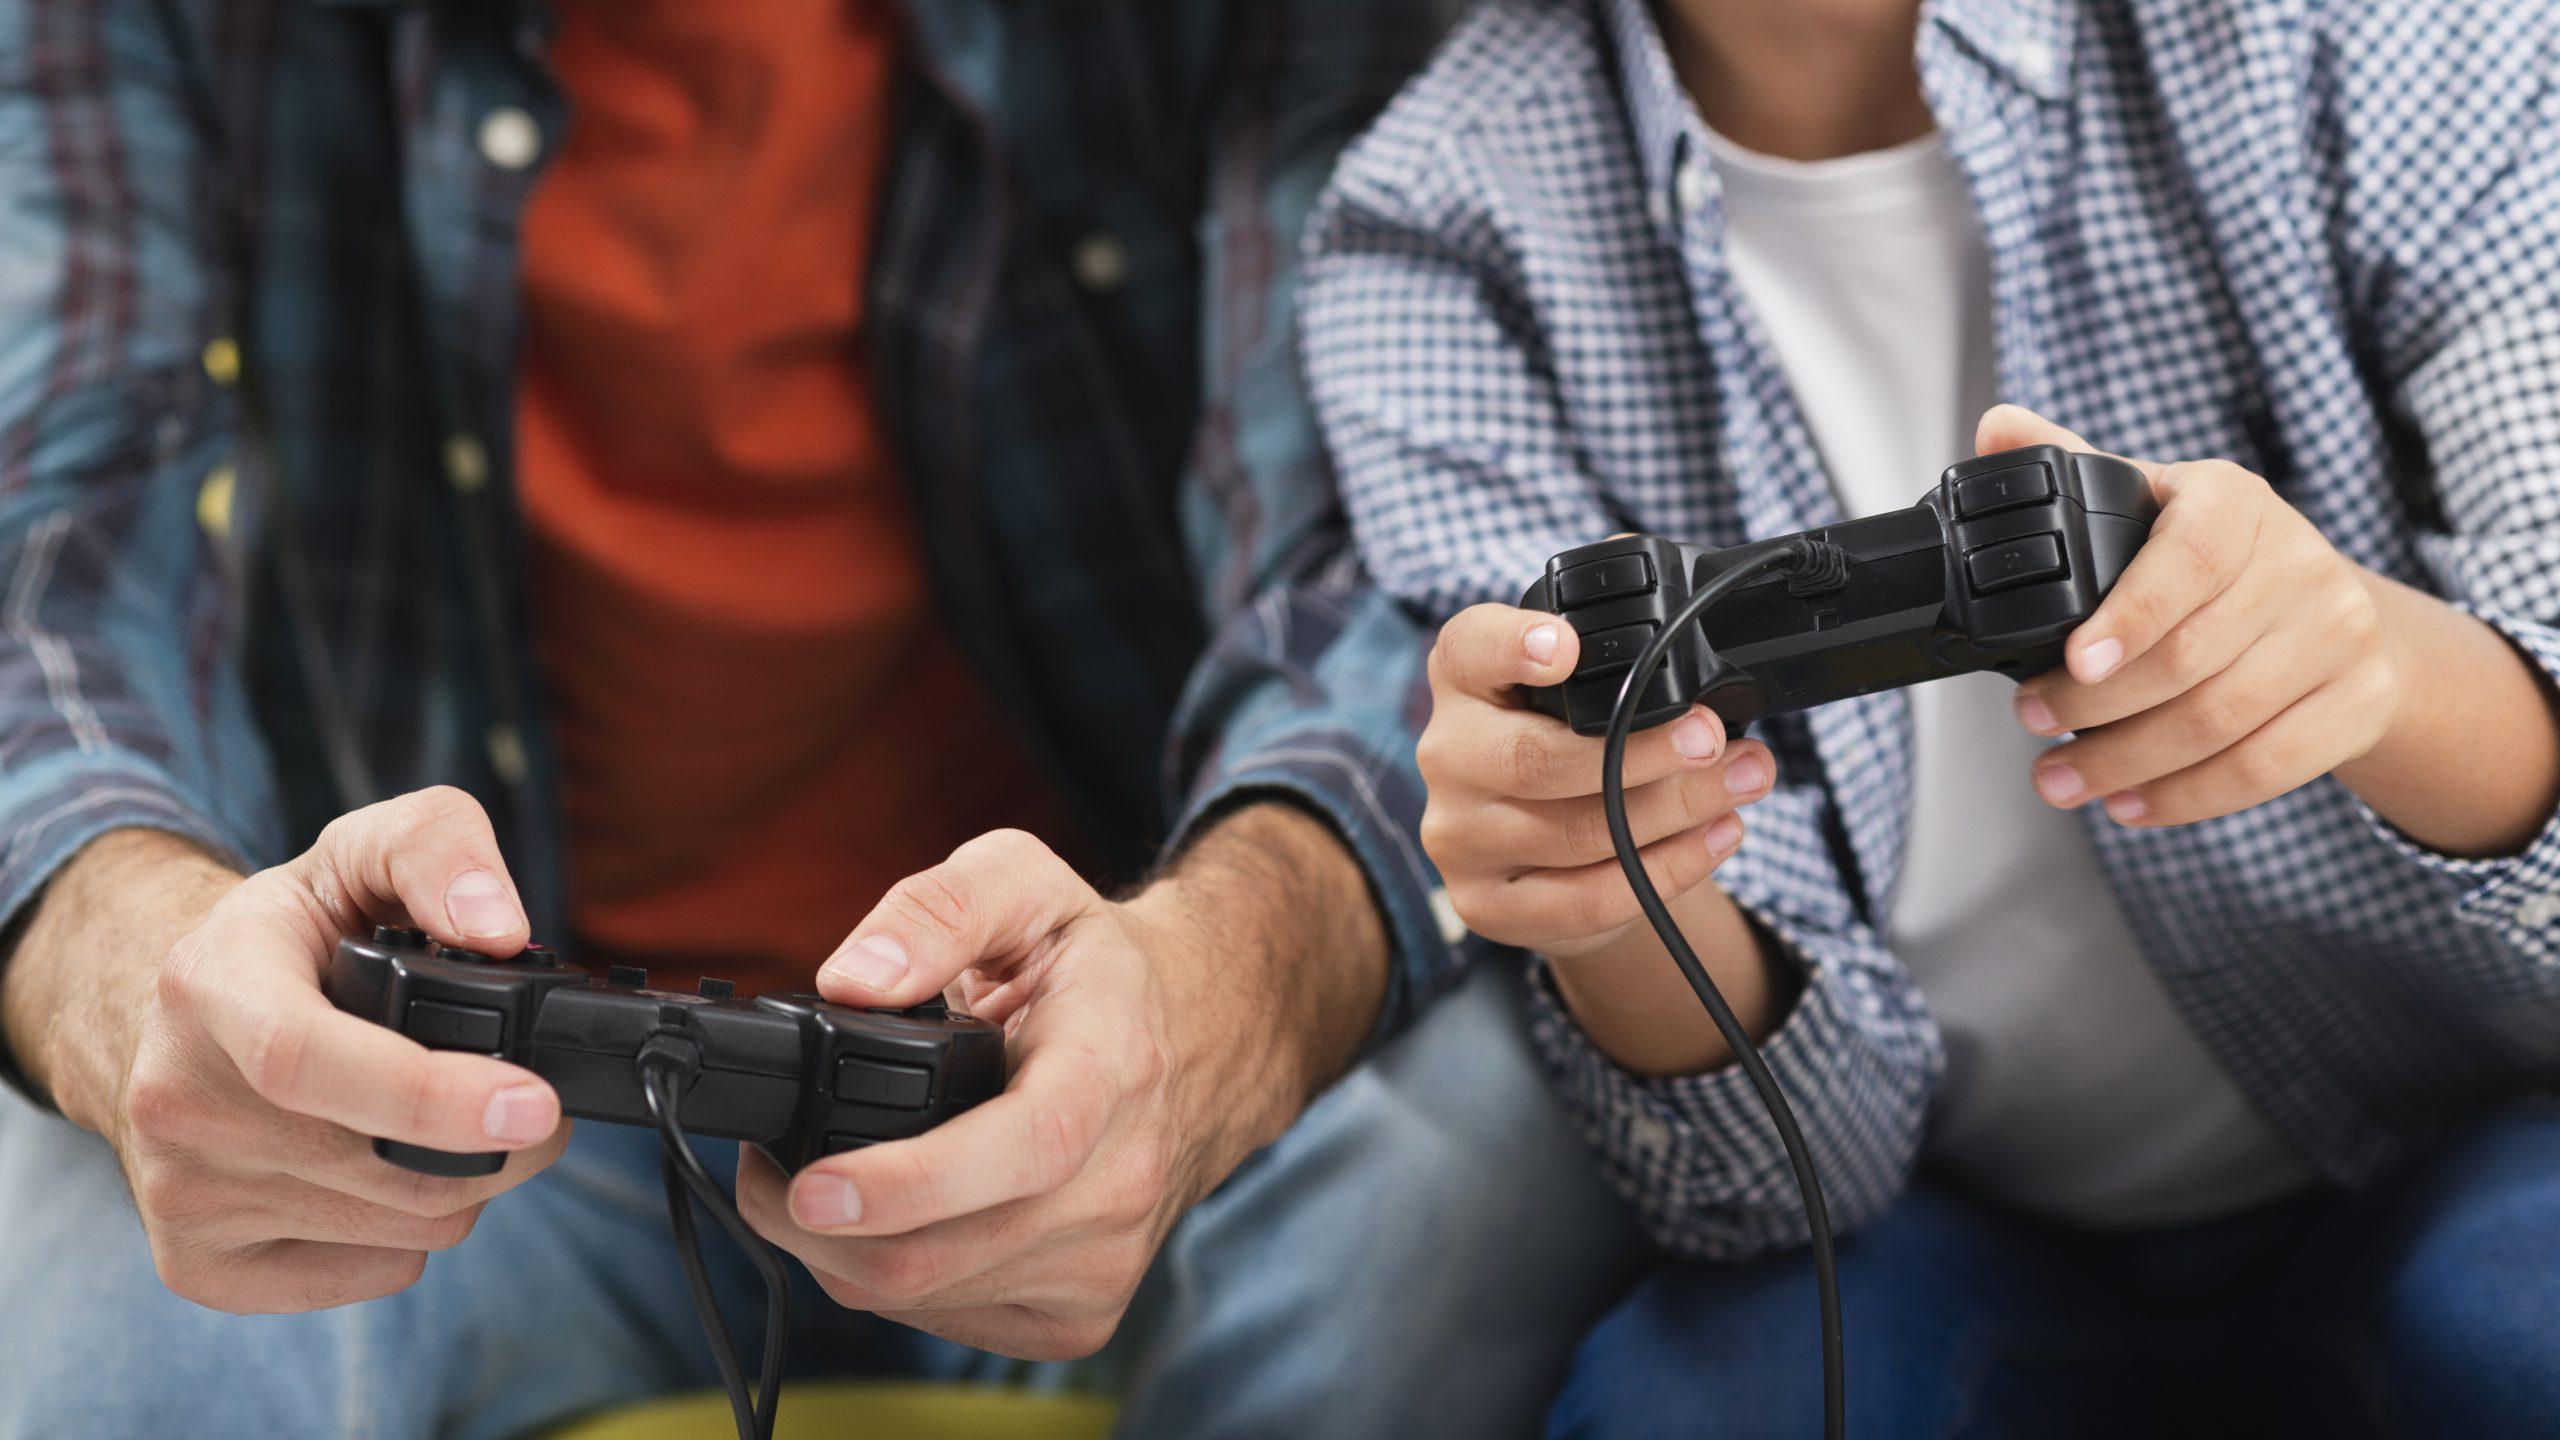 Chicos jugando con una consola